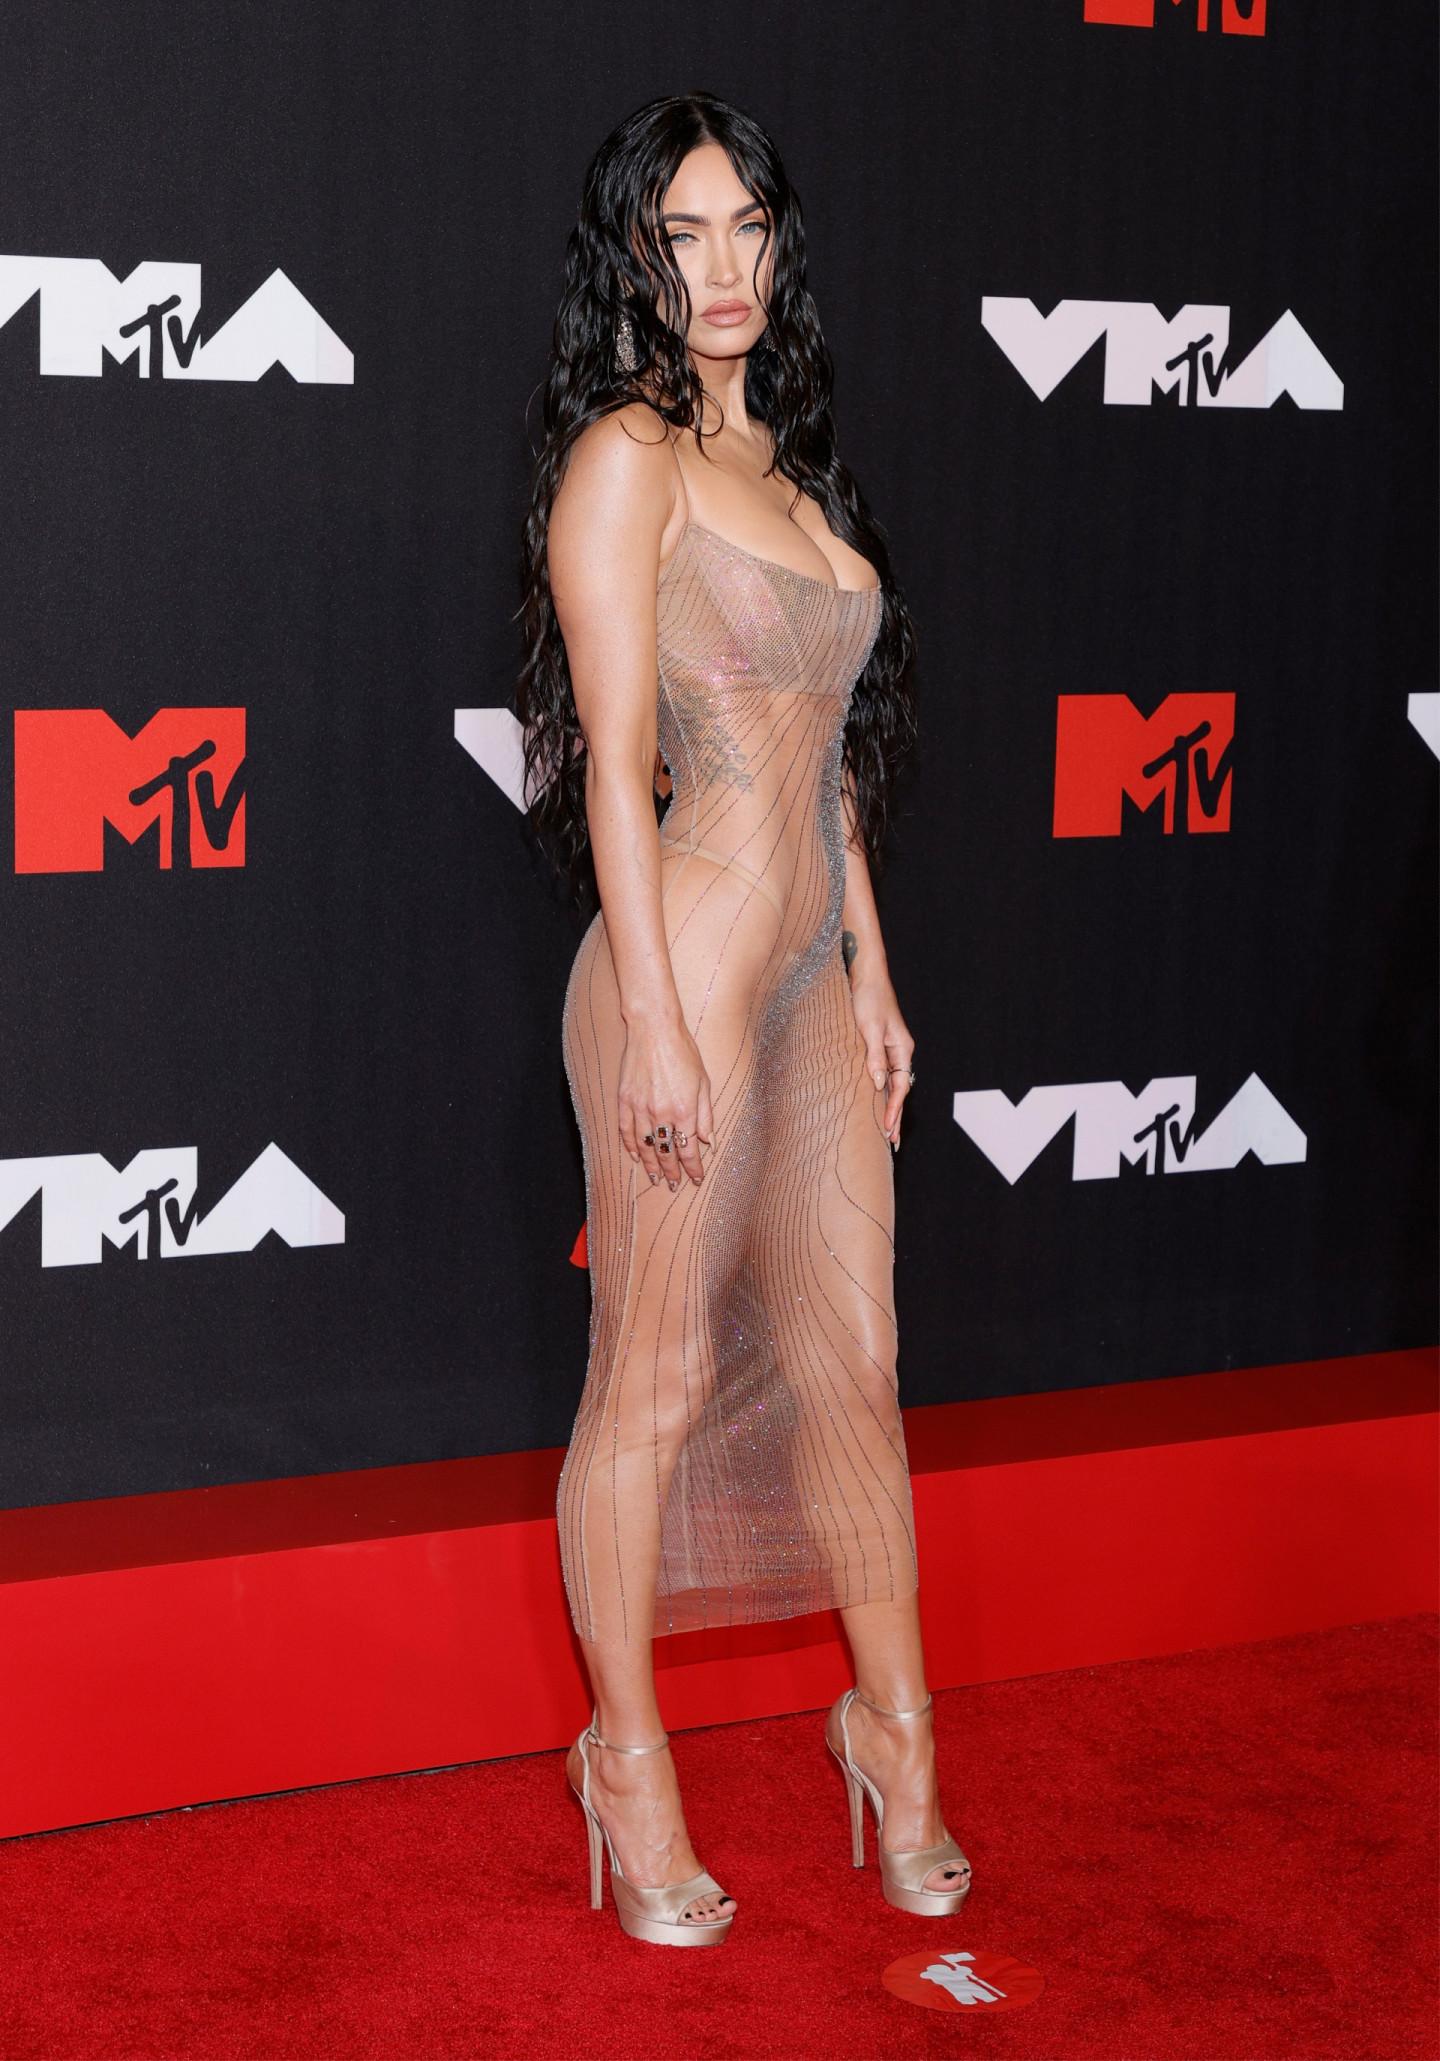 Меган Фокс в платье Mugler на церемонии MTV VMA, 2021